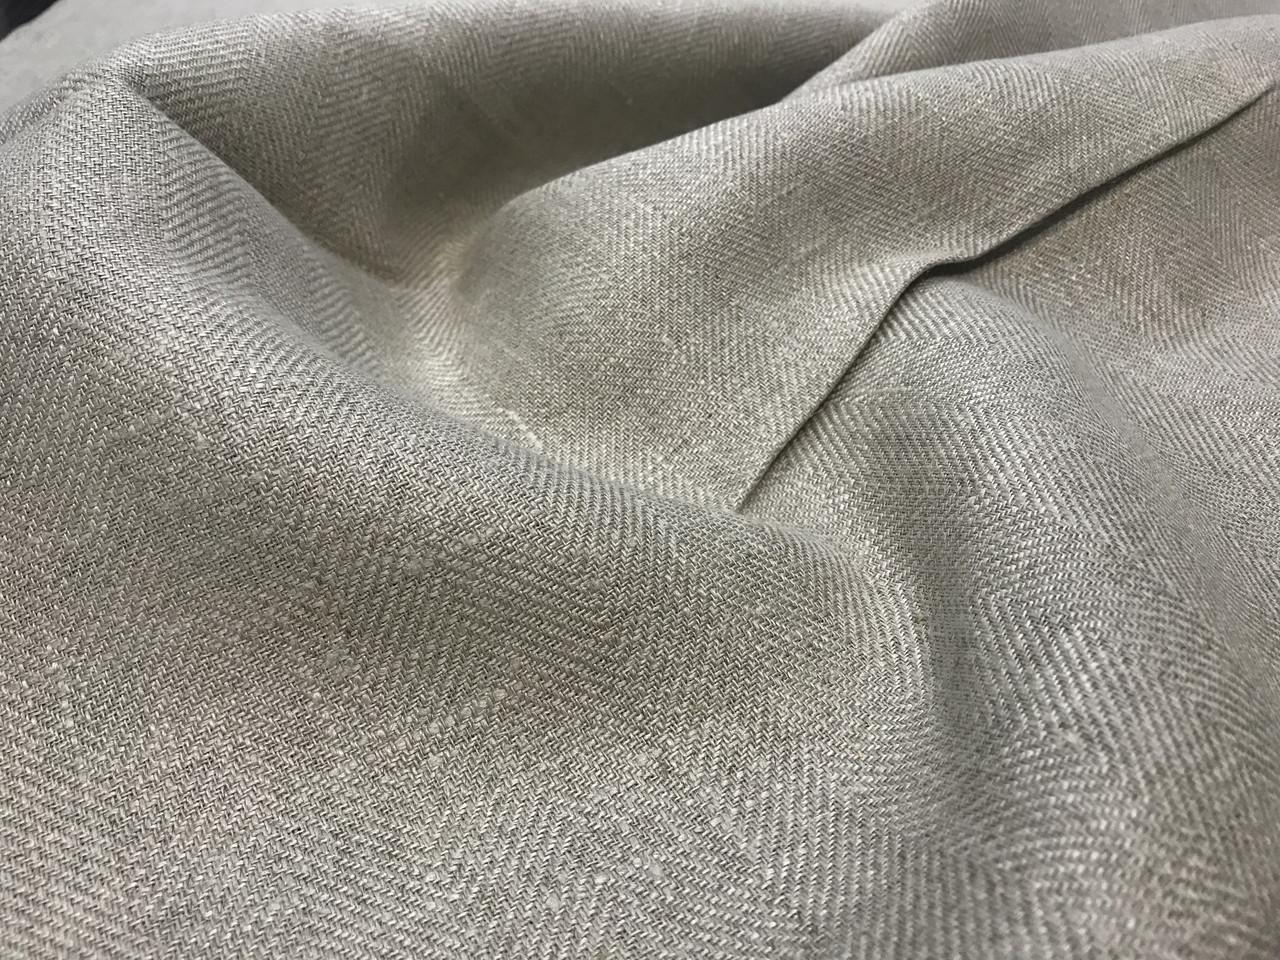 Сіра лляна тканина 100% льон колір 1/330